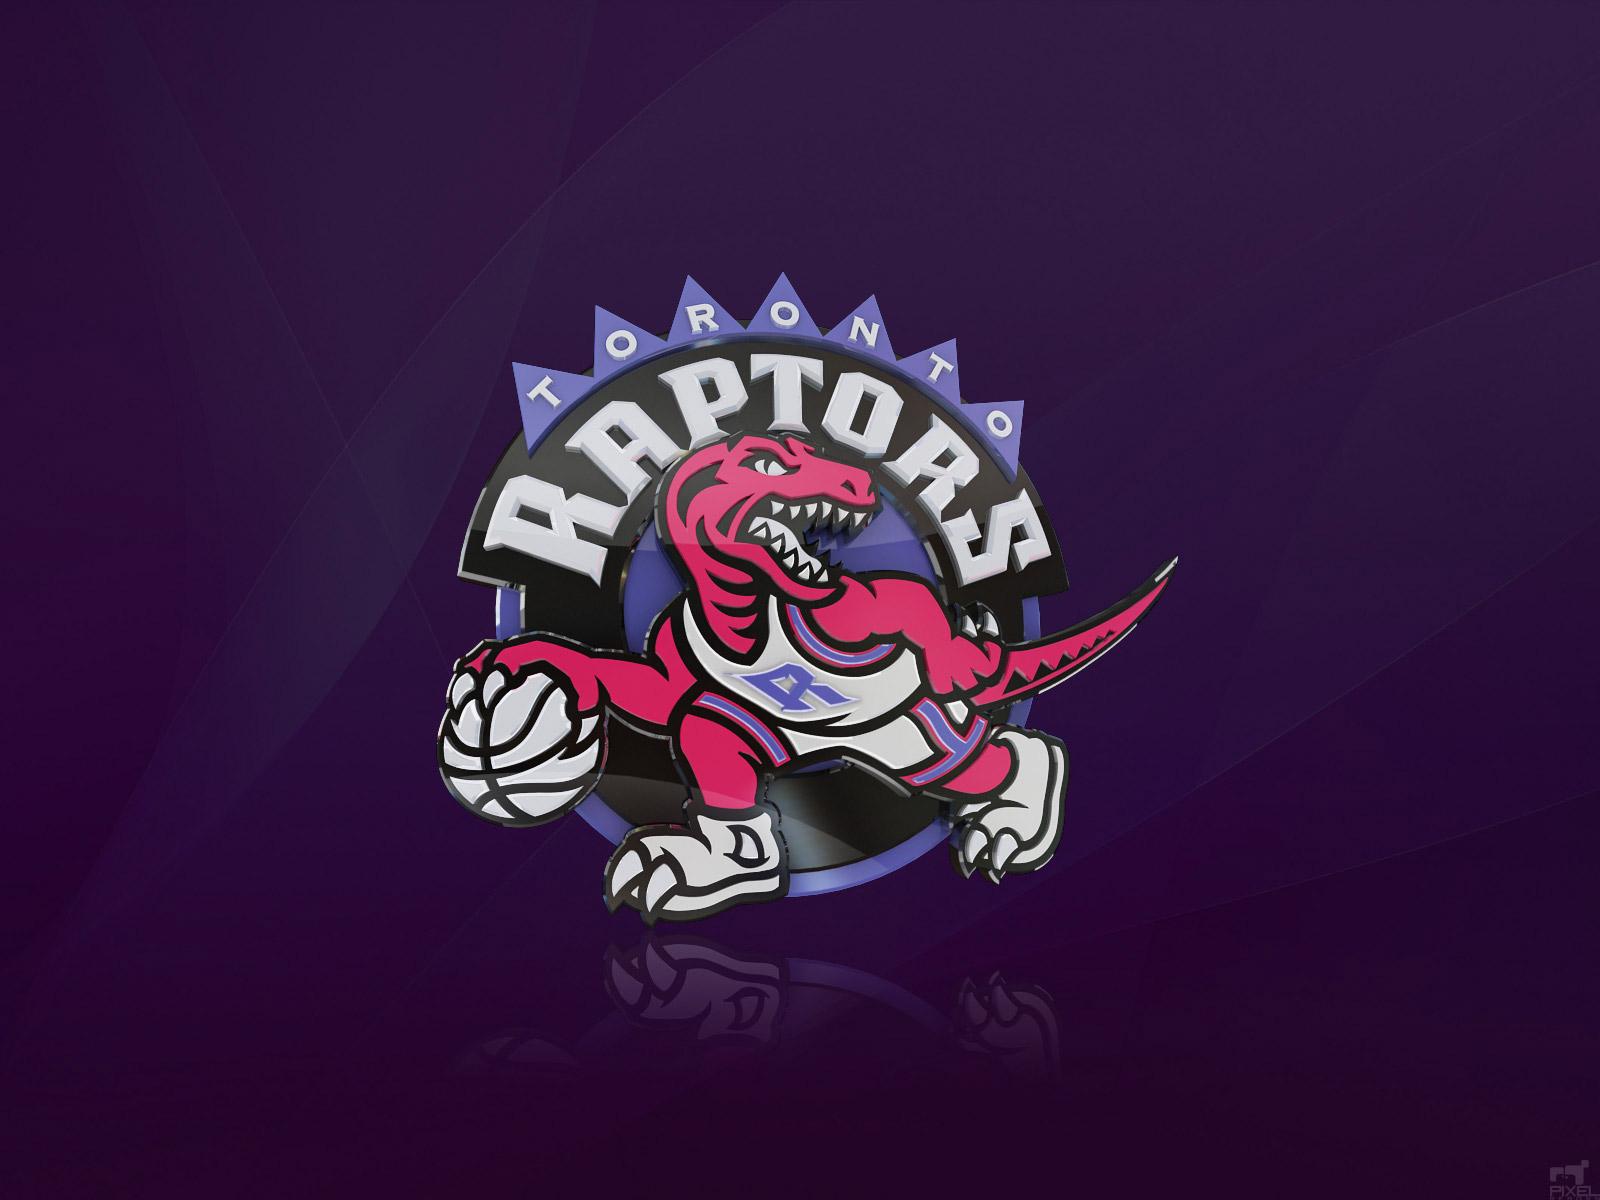 Toronto Raptors 3D Logo Wallpaper